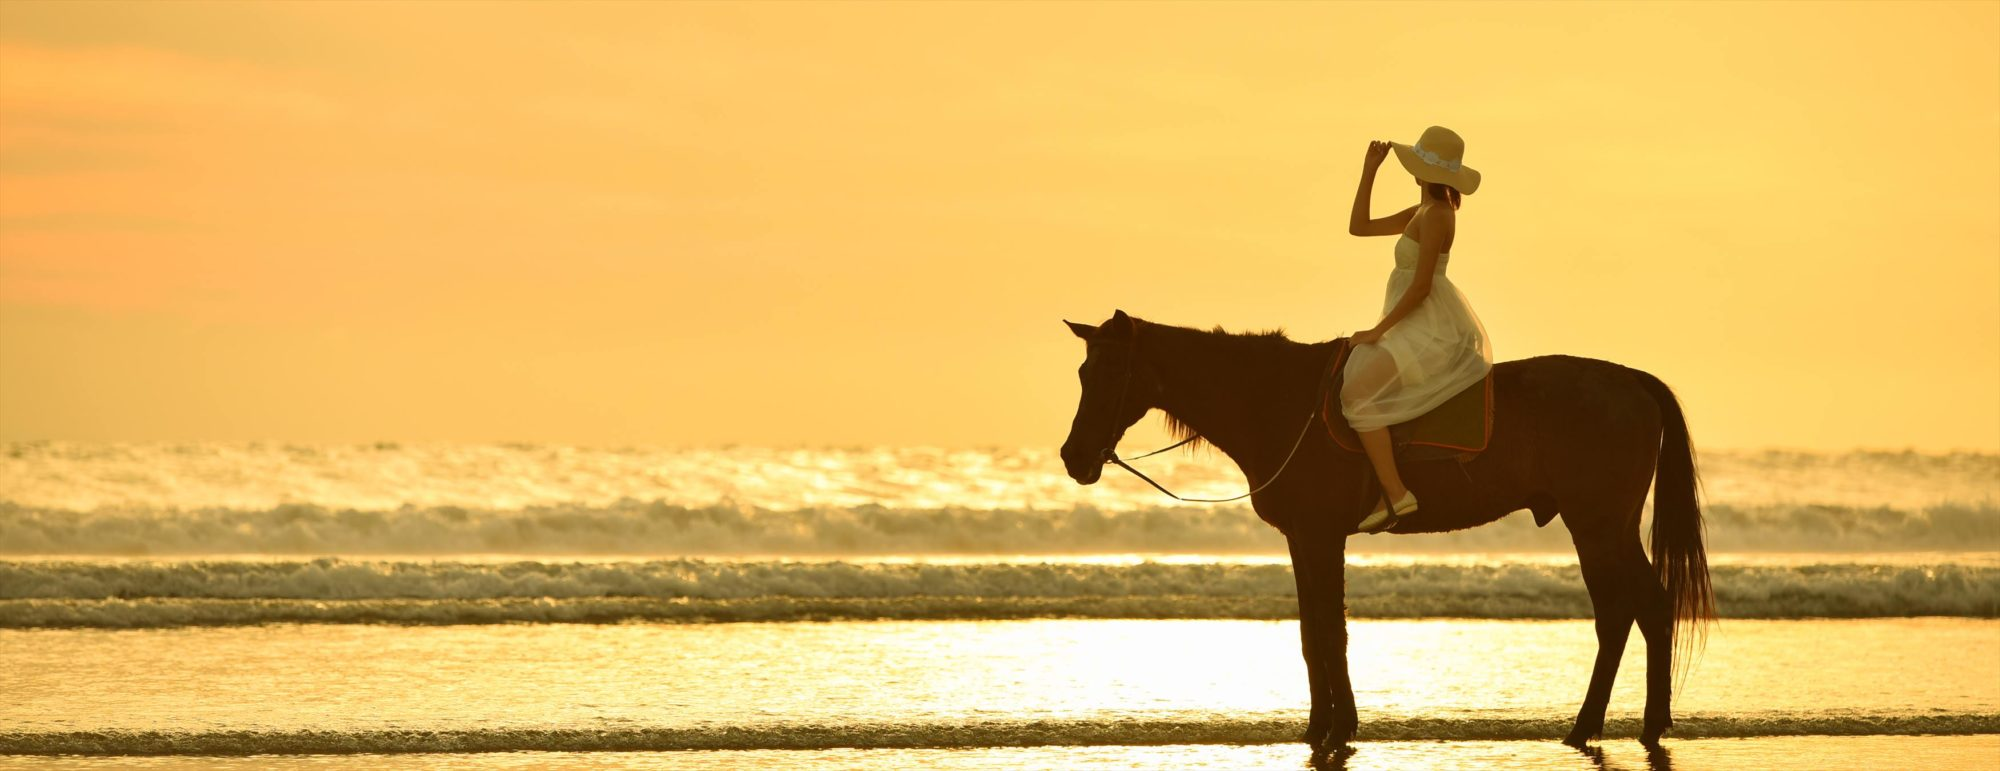 バリ島サンセット・フォトウェディング スミニャック・ビーチ・ホース・ライディング Sunset Horse Riding Sunset Photo Wedding